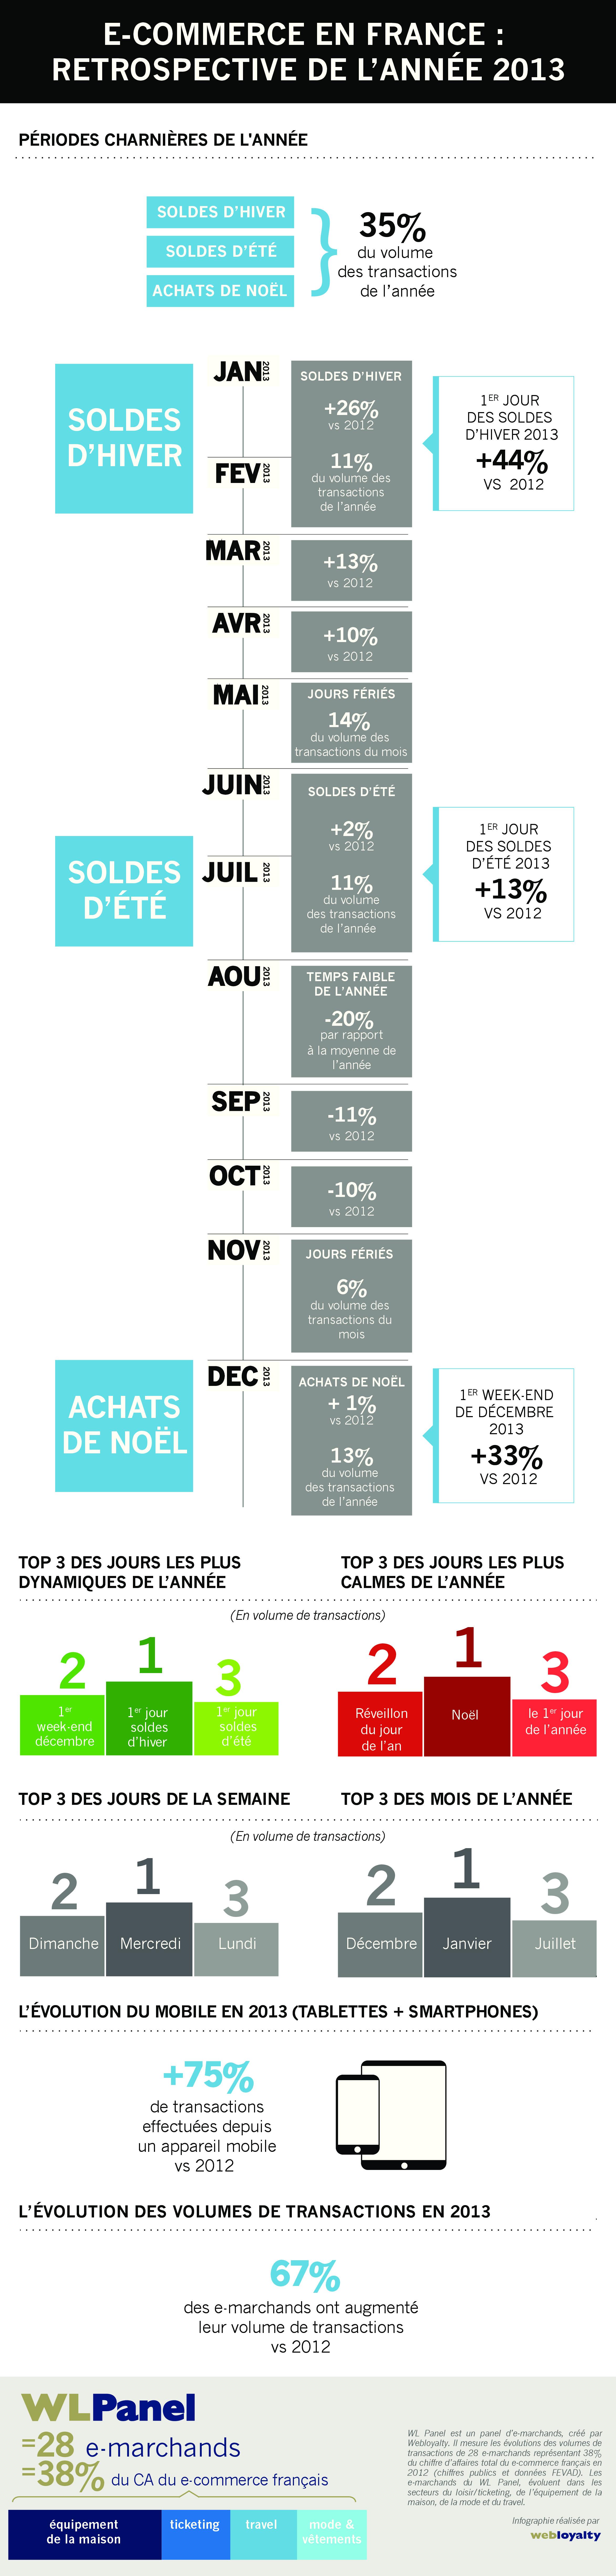 Infographie Rétrospective de l'année 2013 du